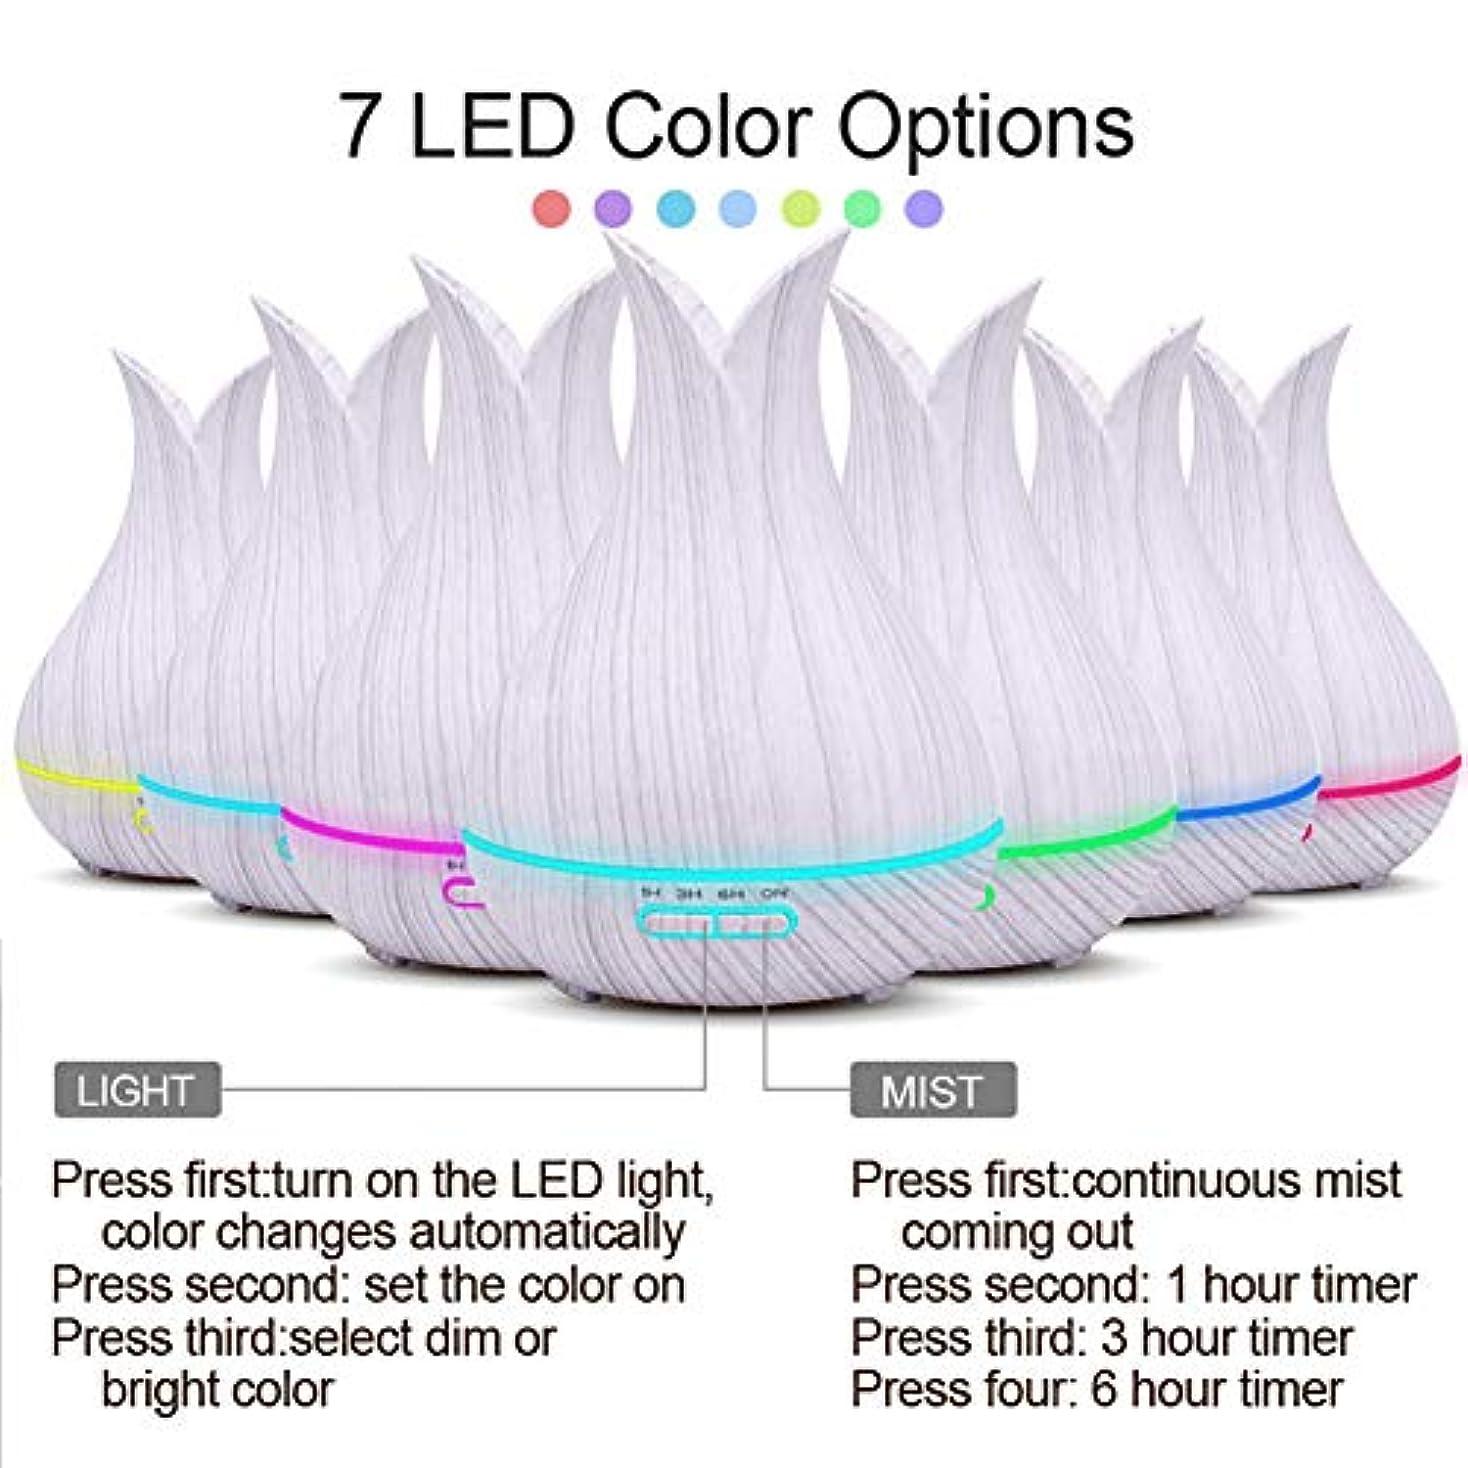 ペンス想起ウェーハエッセンシャルオイルディフューザーと加湿器、ミストエッセンシャルオイルアロマ加湿器のための超音波アロマセラピーディフューザー、400ミリリットル水タンク7色LEDライト,White